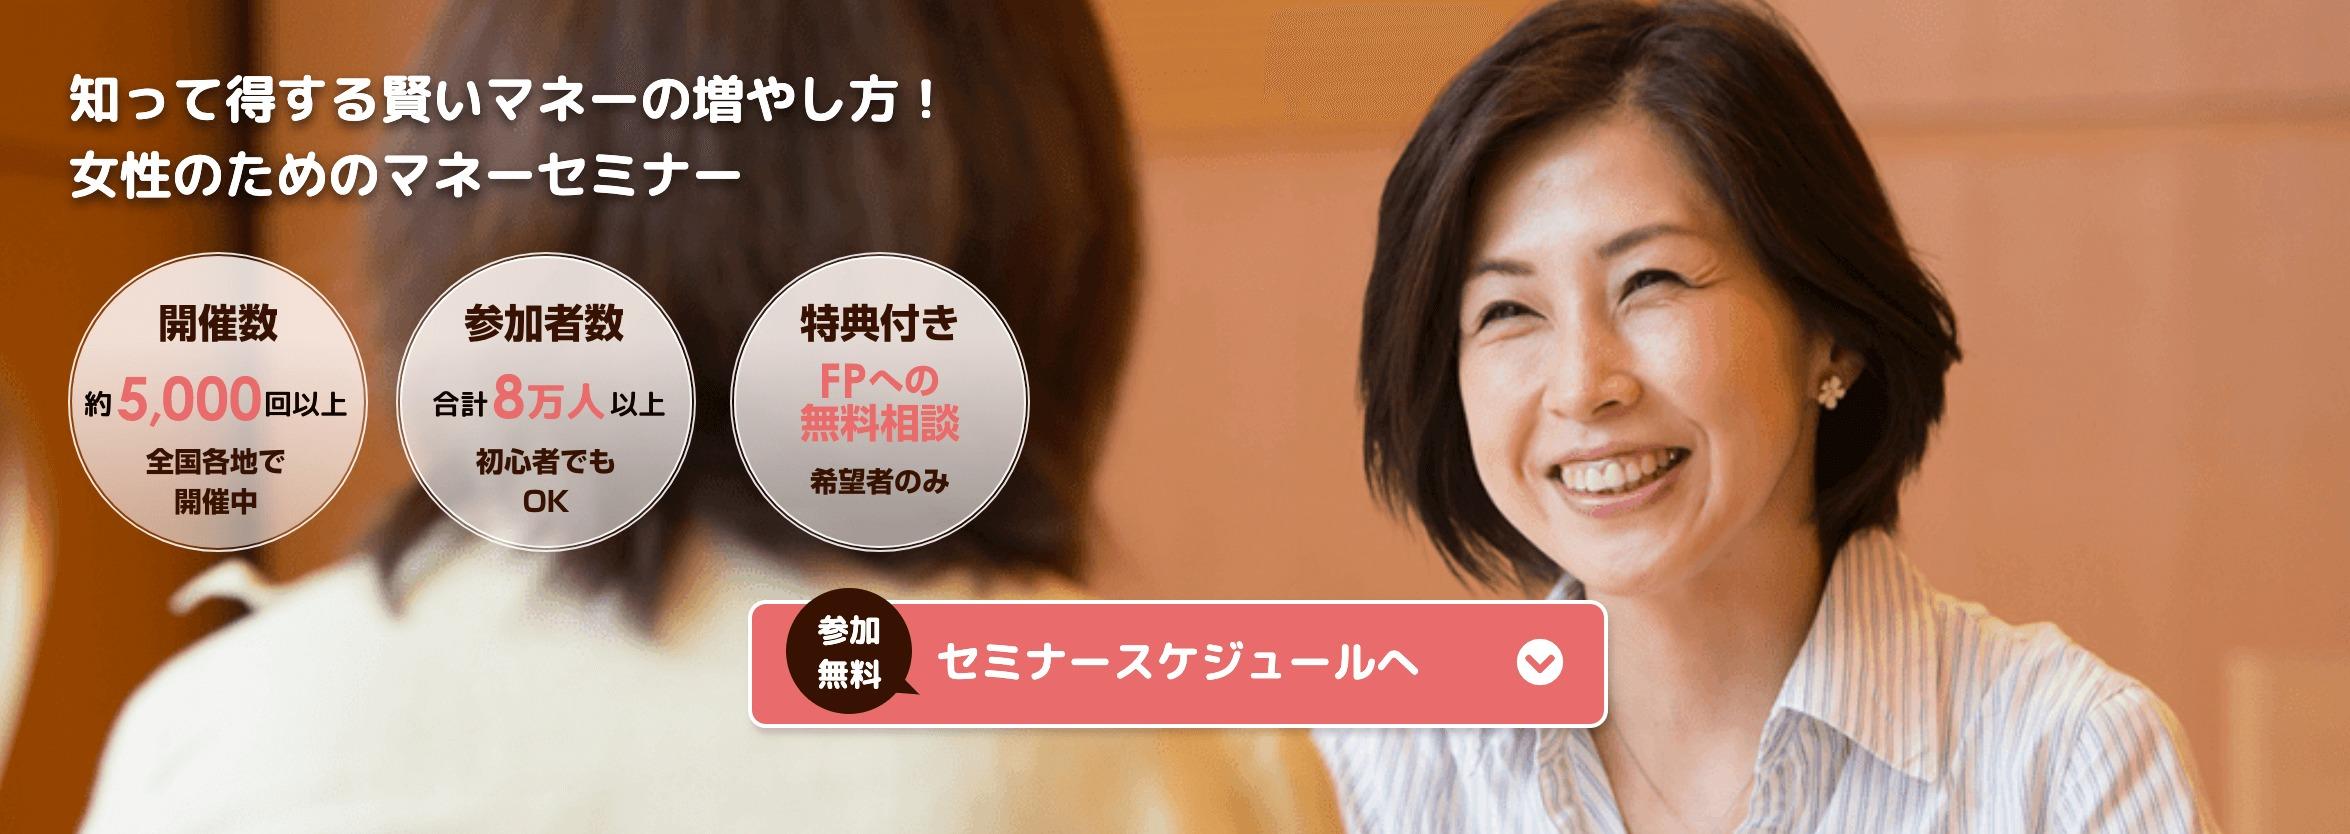 名古屋のマネーセミナー